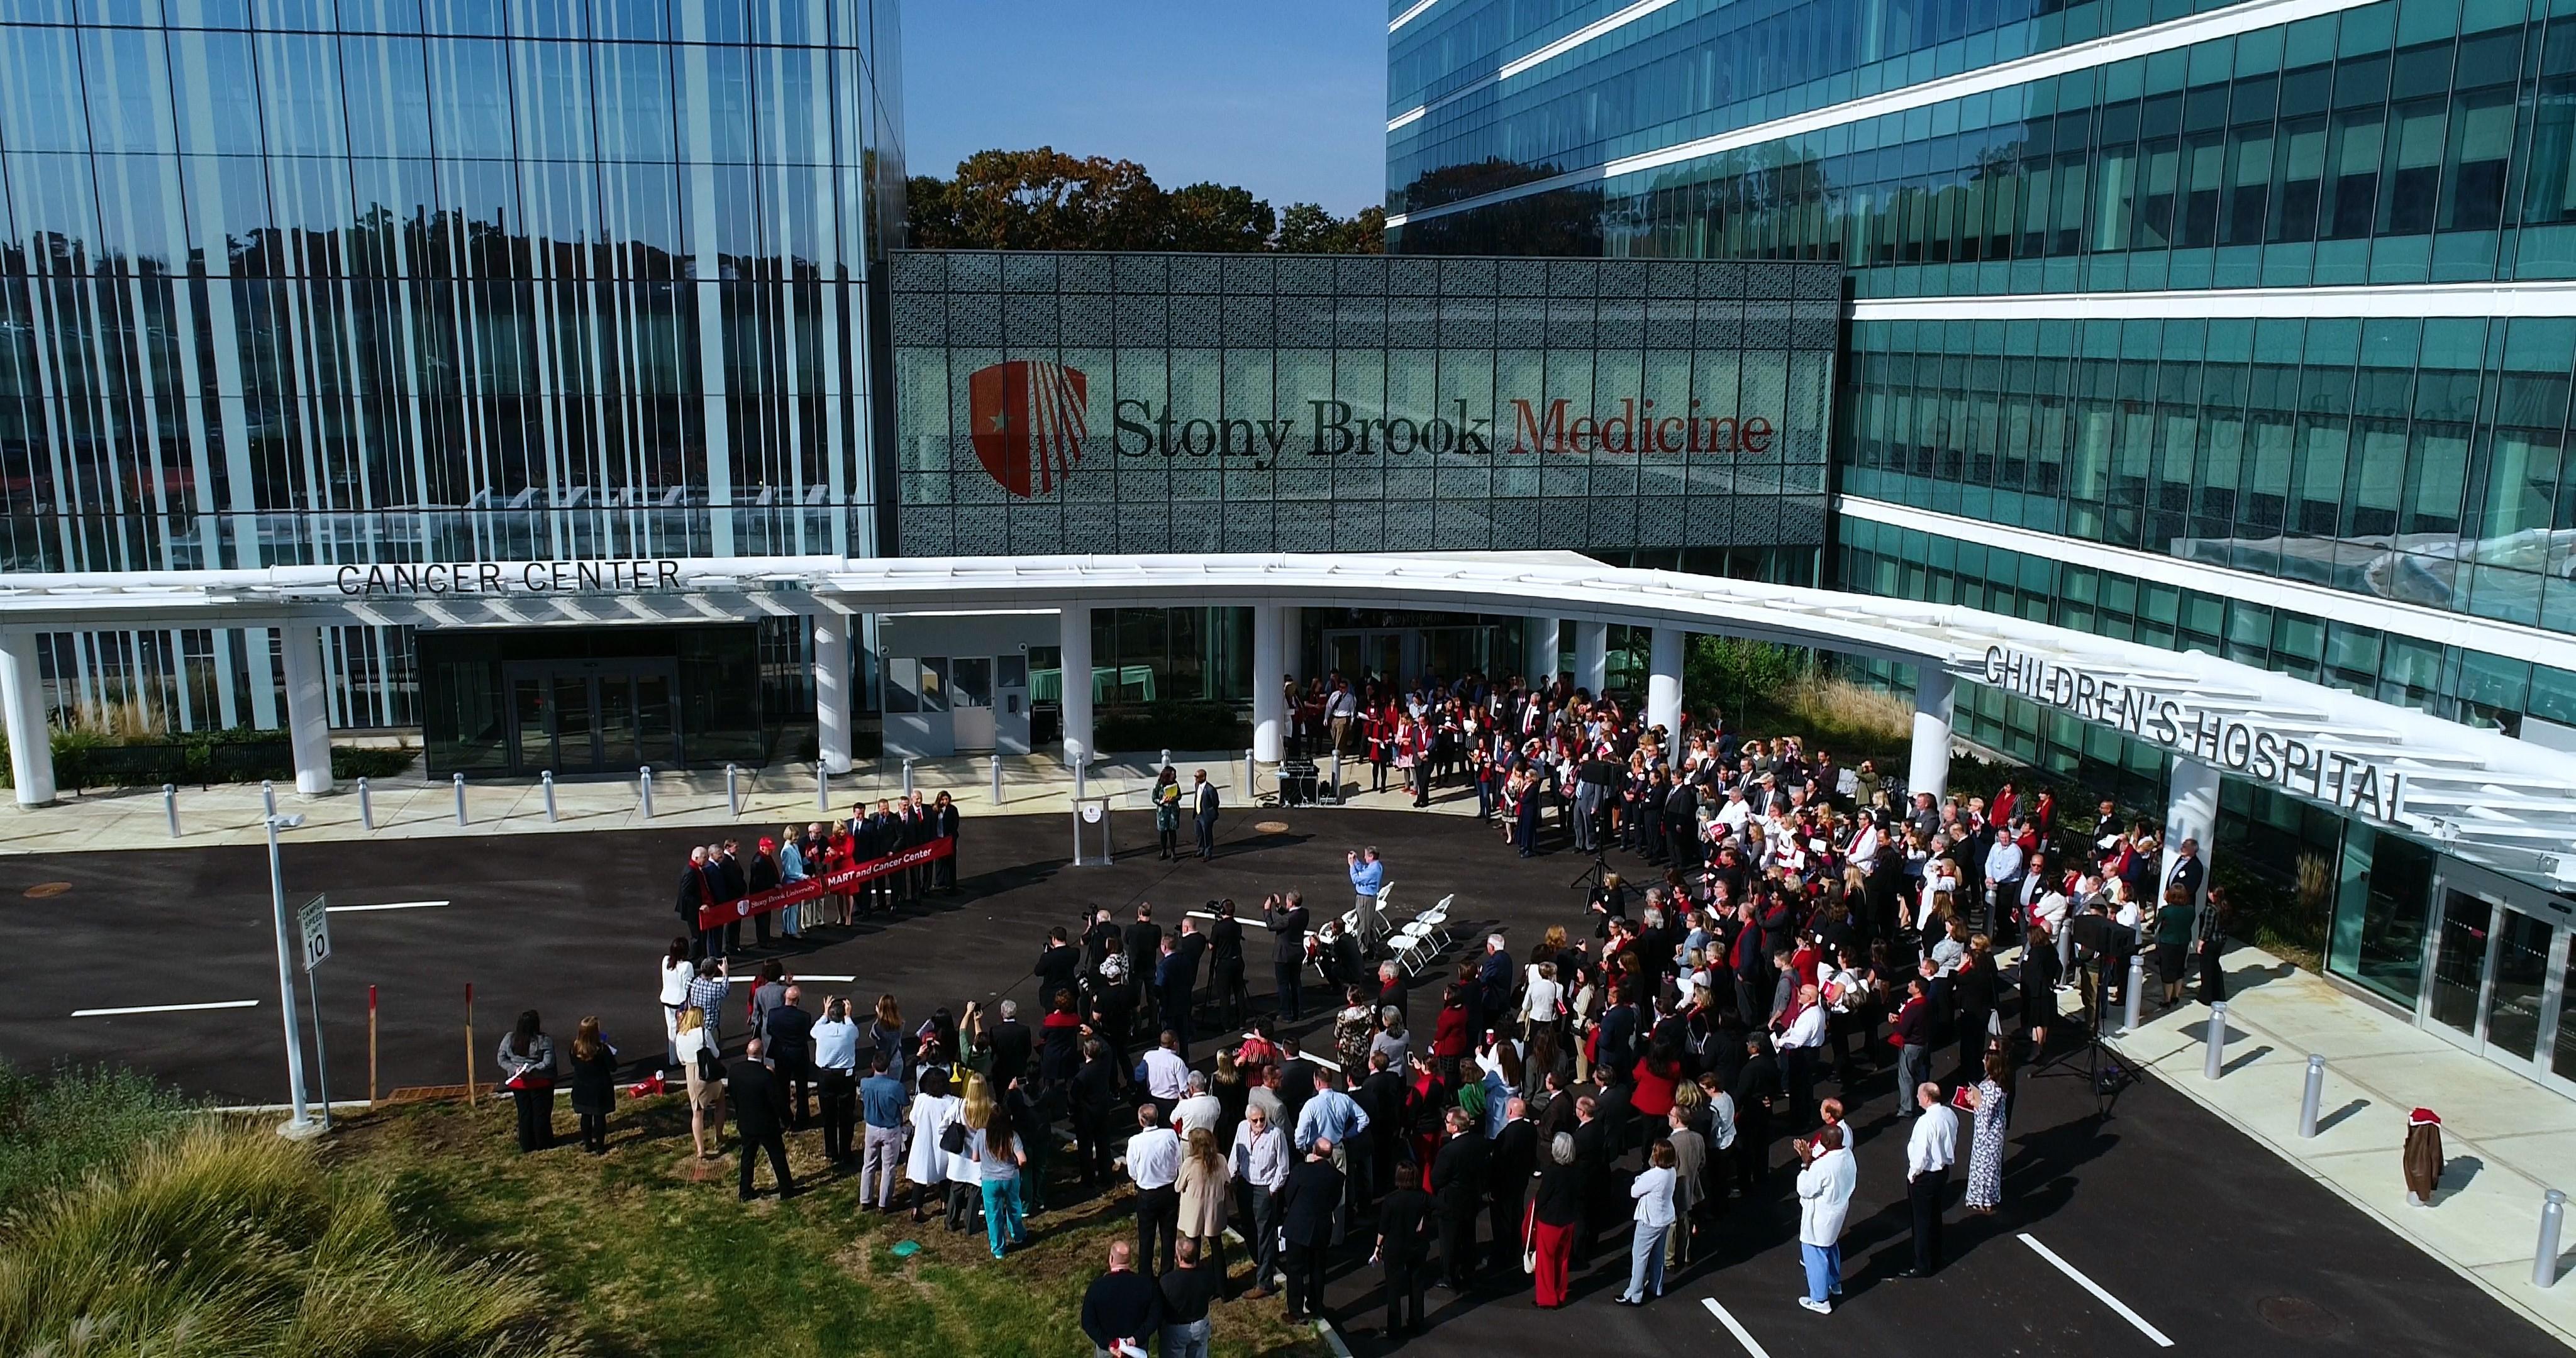 Stony Brook Medicine | LinkedIn